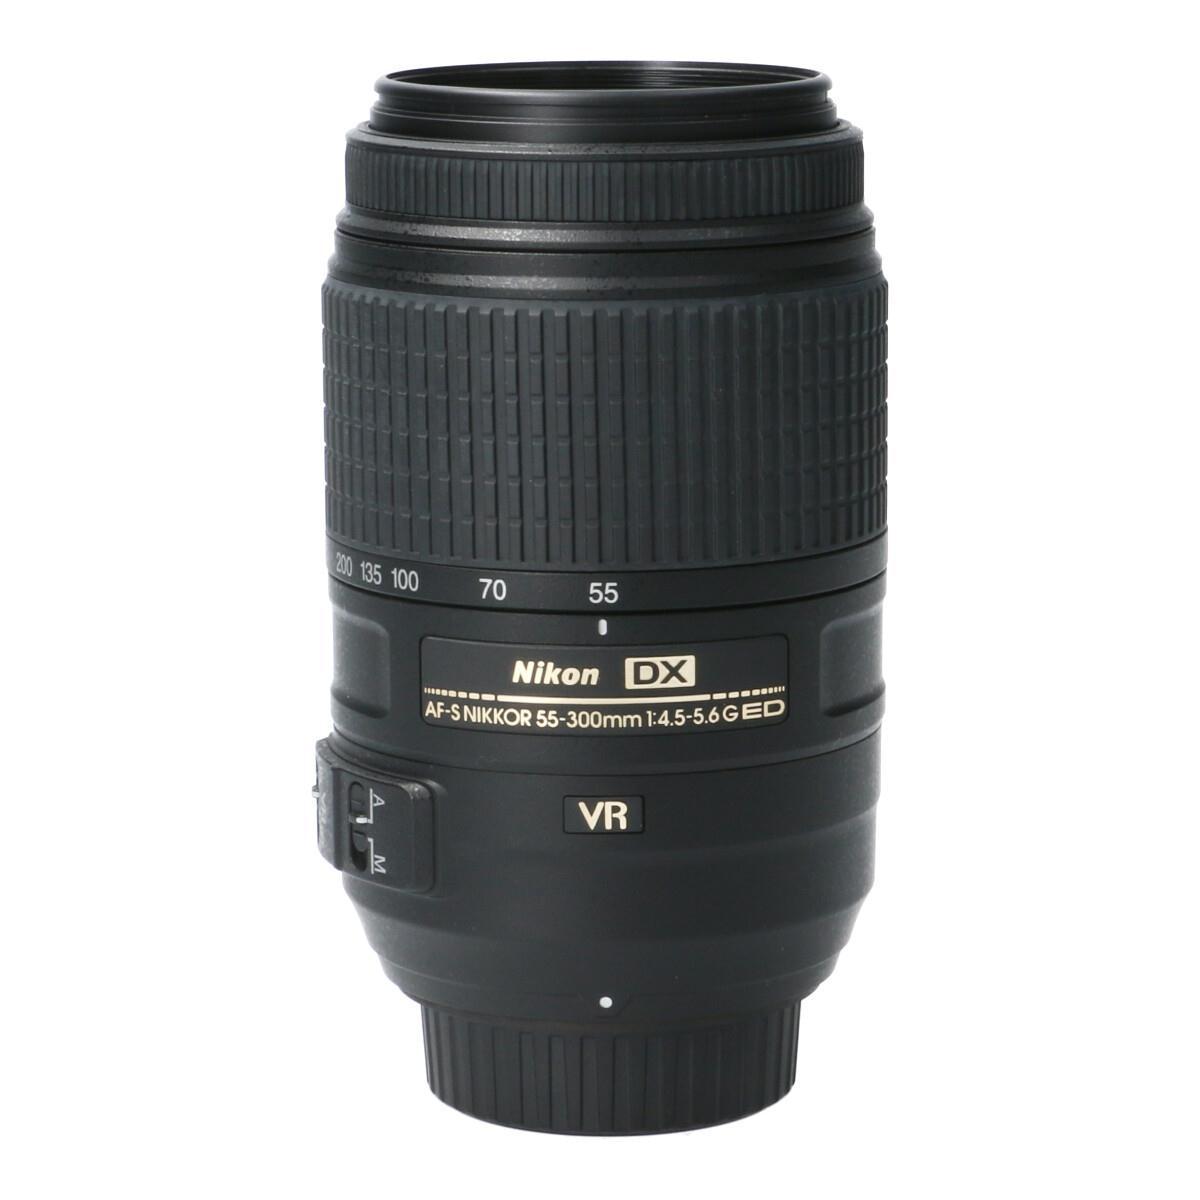 NIKON AF-S DX55-300mm F4.5-5.6G VR【中古】